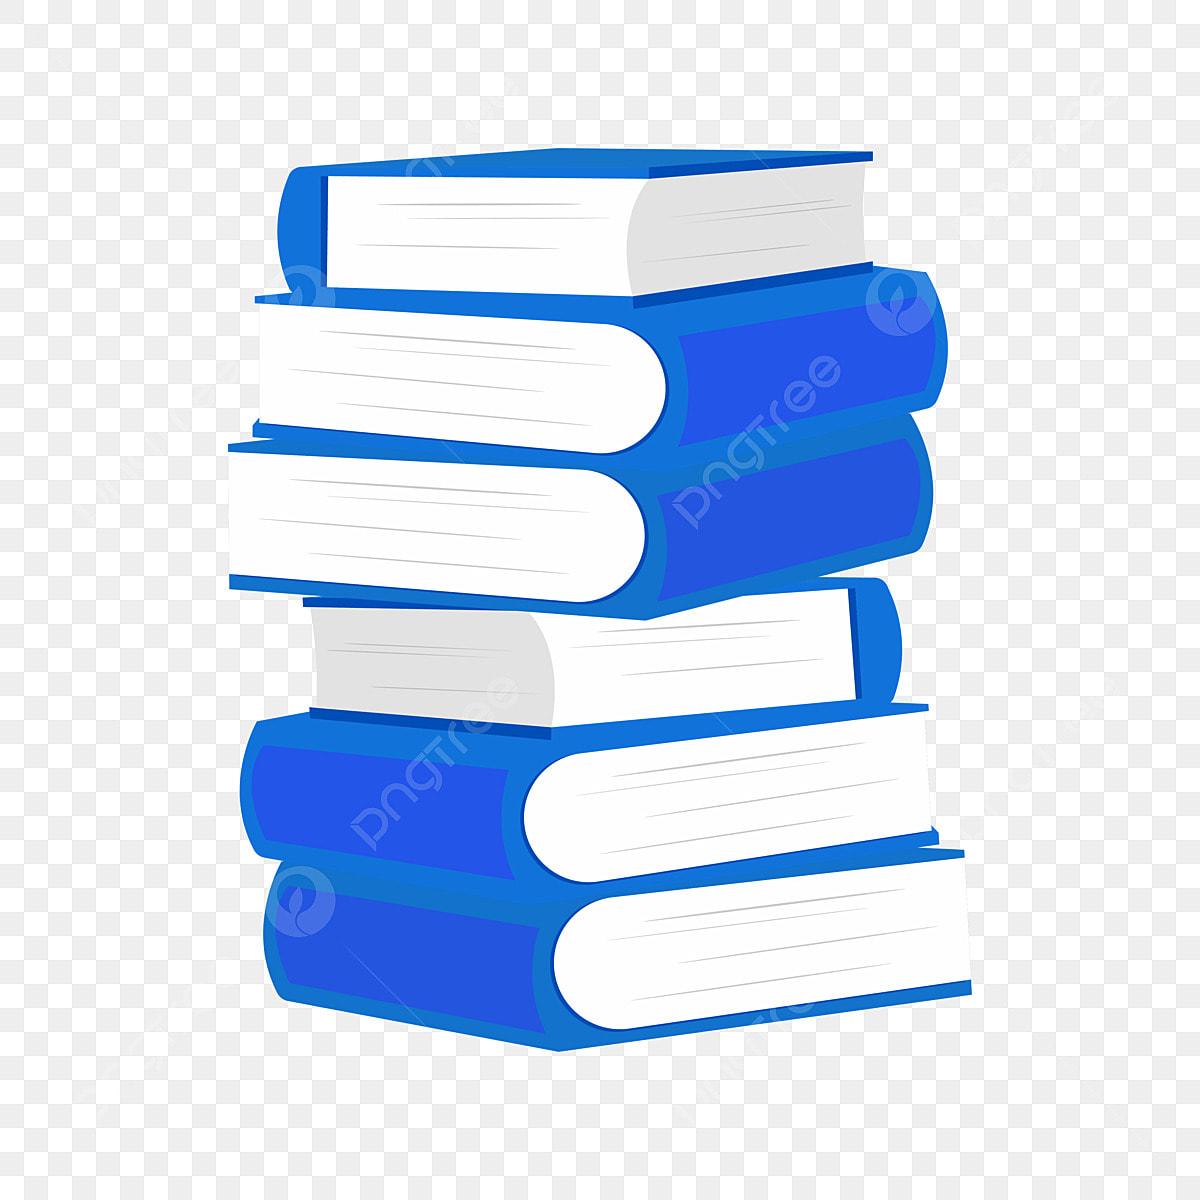 Livre Bleu Une Pile De Livres Livre Bleu Une Pile De Livres